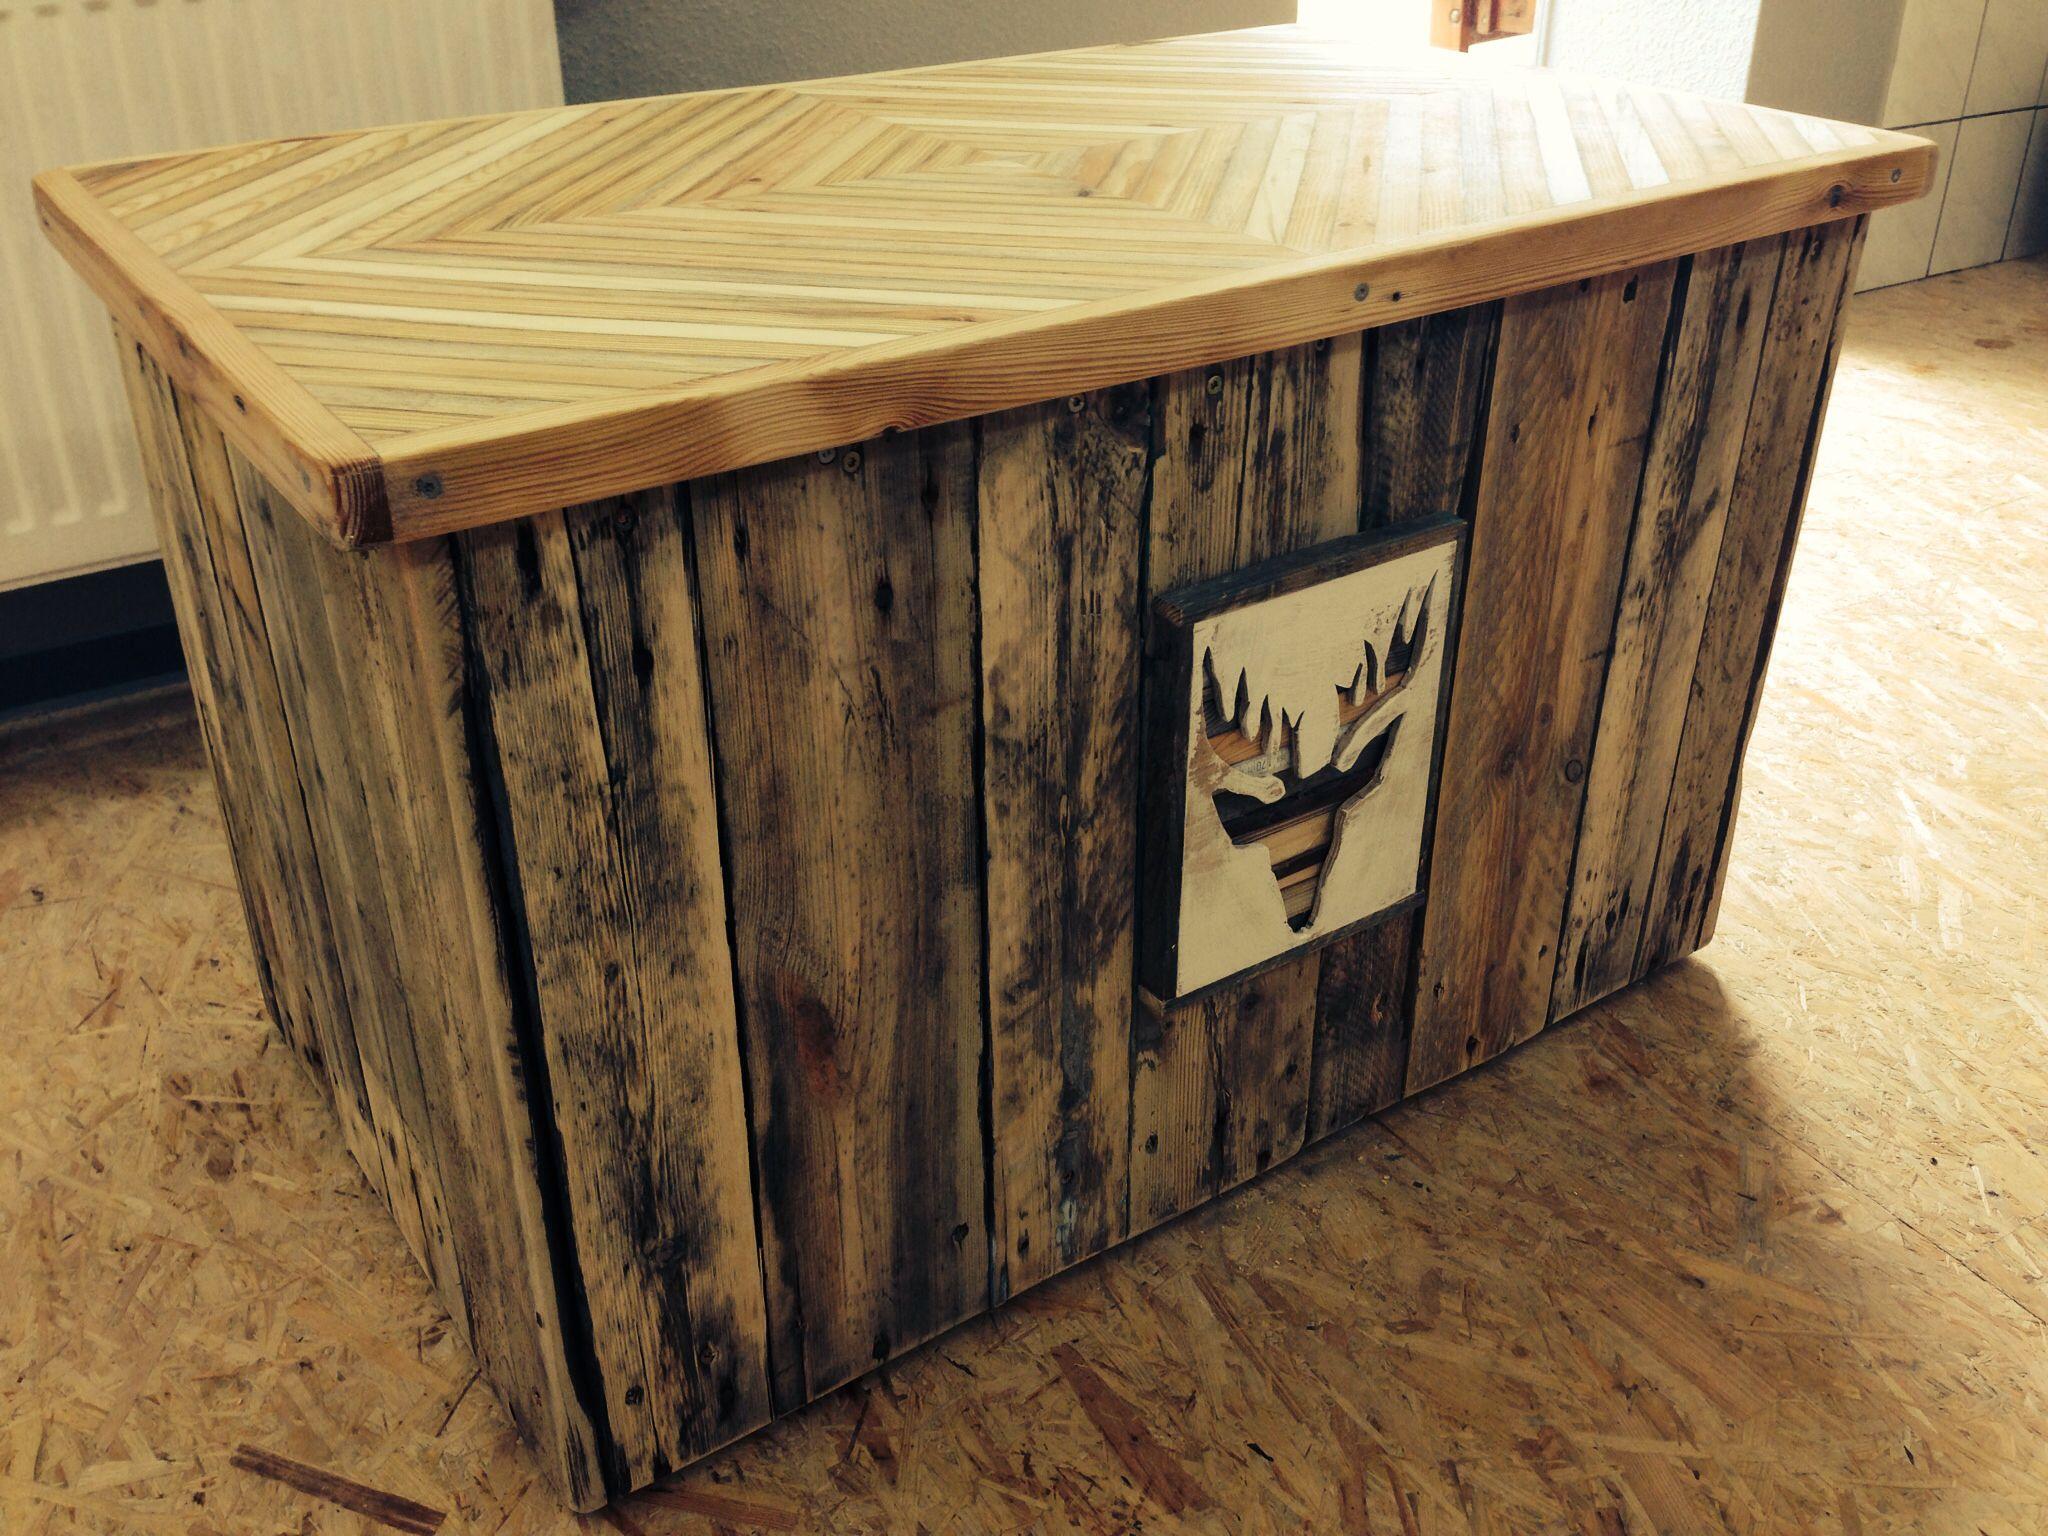 Truhe für Kissen (Gartenmöbel) aus Palettenholz | Habe ich mal